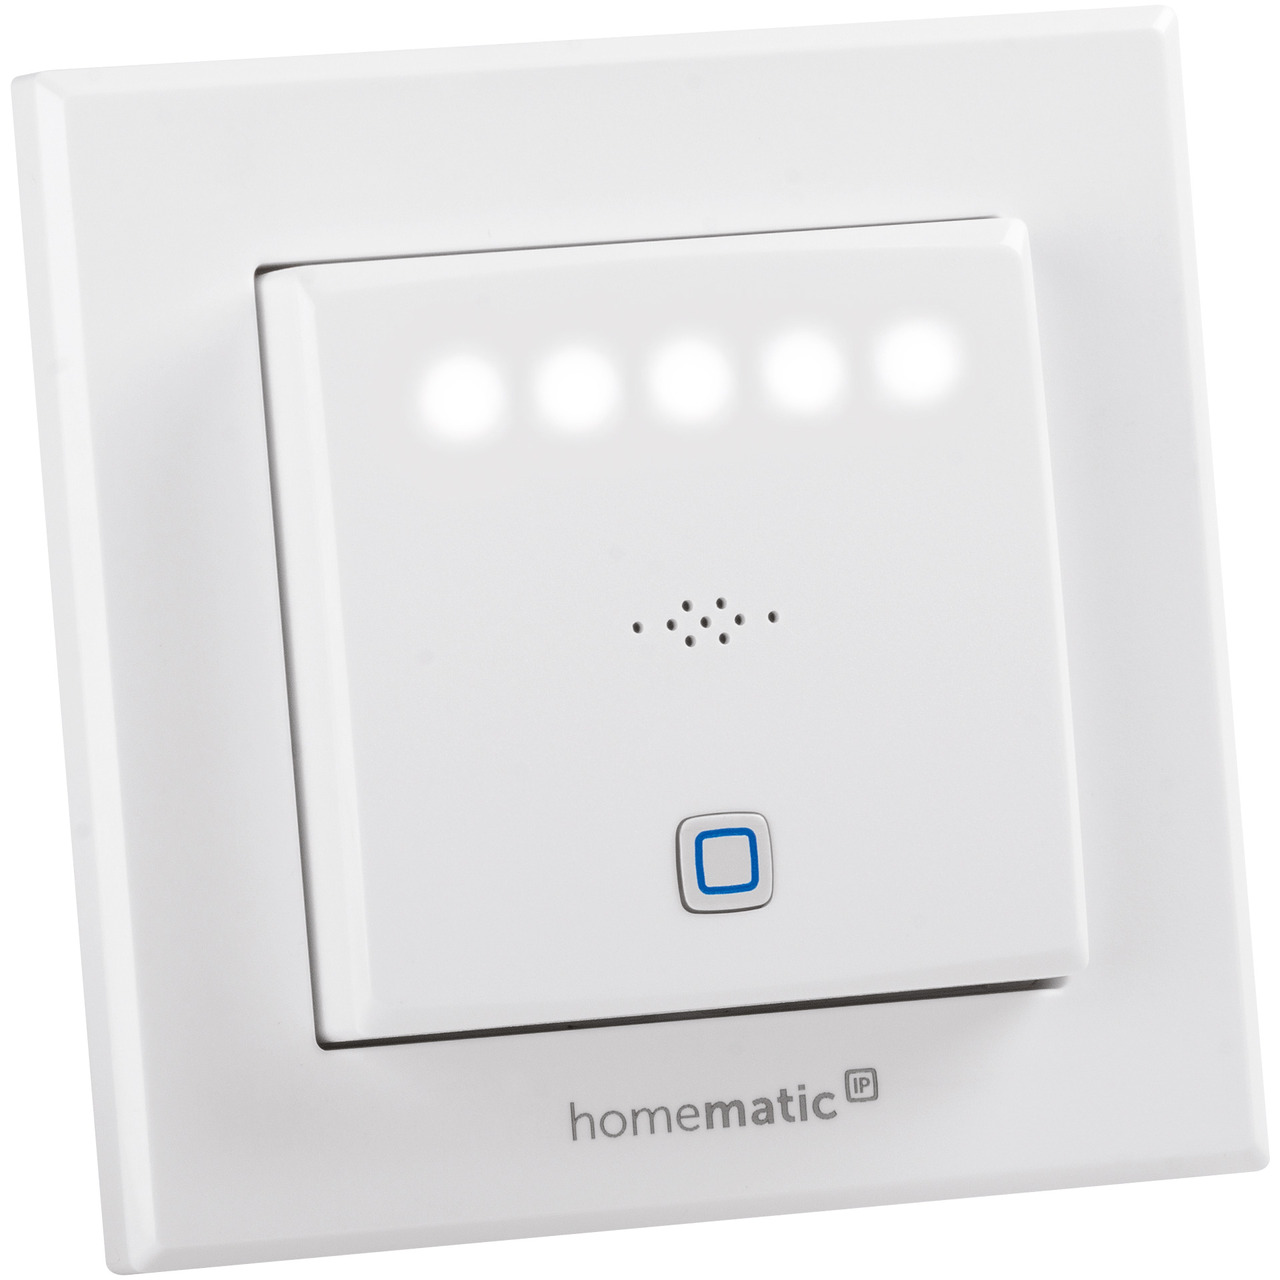 ELV Homematic IP Komplettbausatz CO2-Sensor- HmIP-SCTH230- 230 V